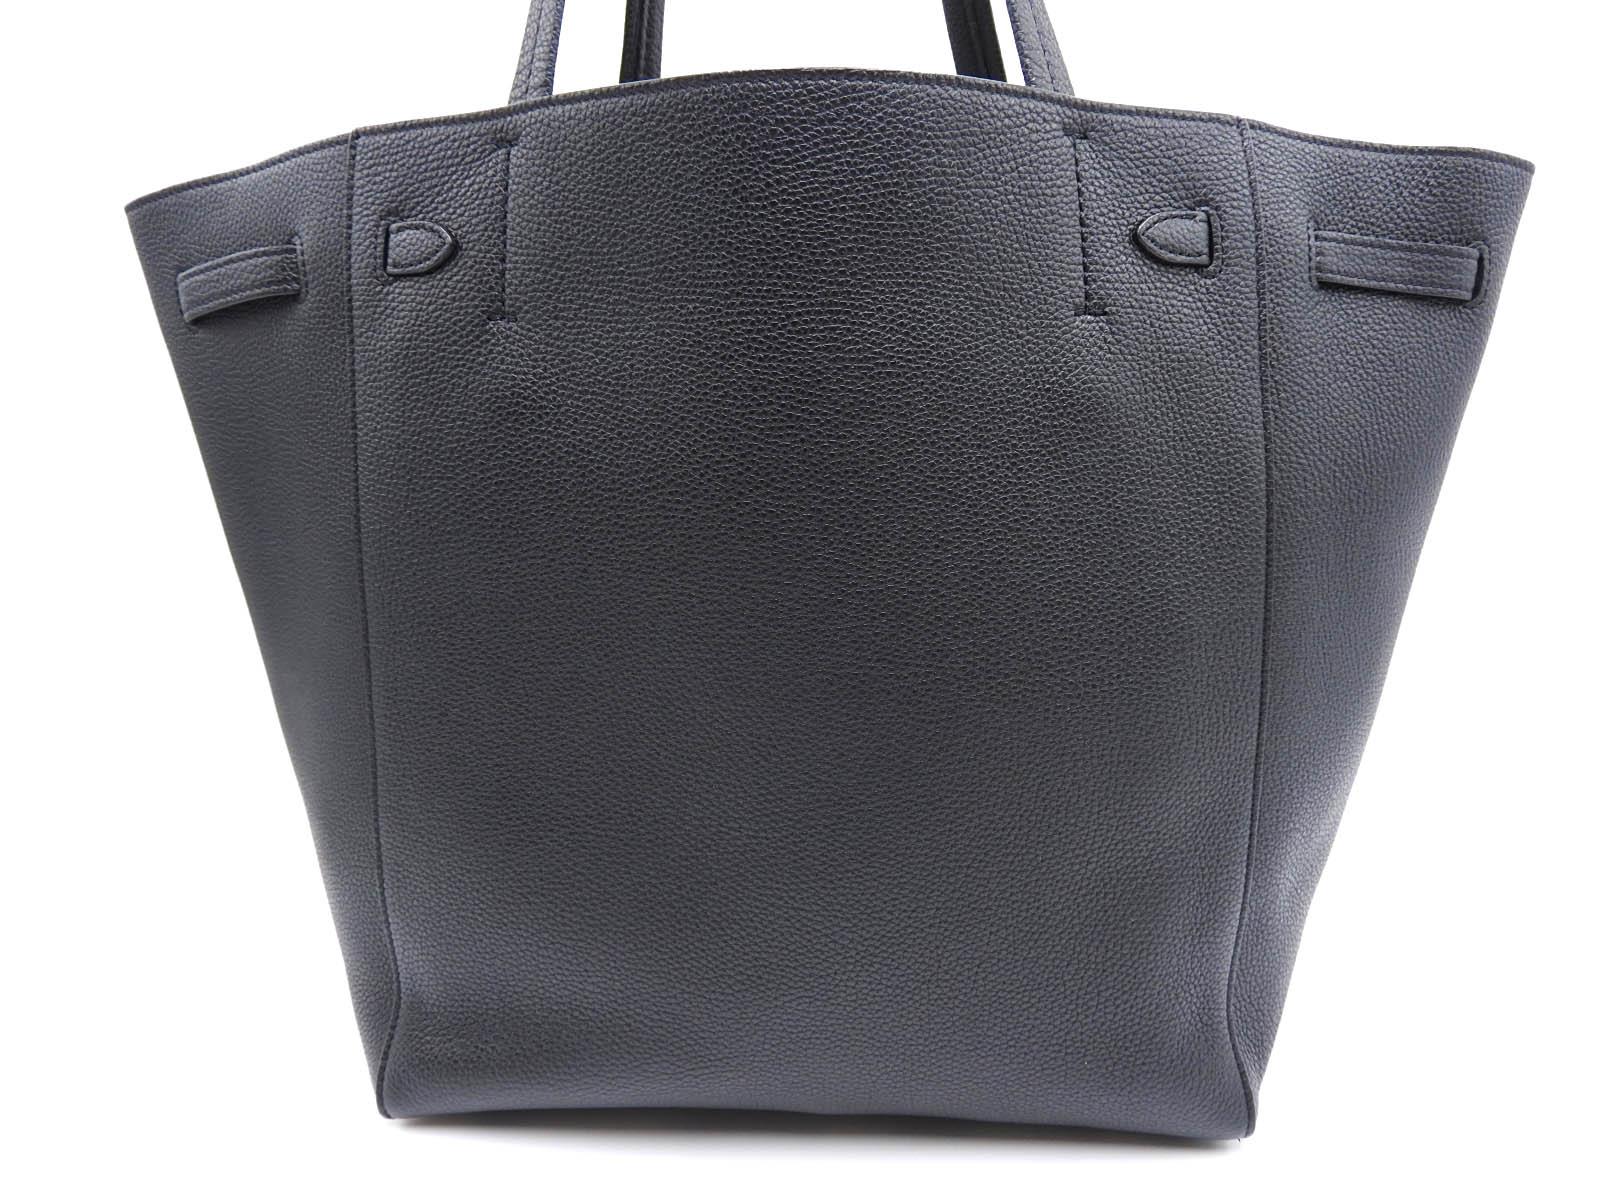 013e2c818d8a1 Auth CELINE Cabas Phantom Shoulder Tote Bag Calf Leather Black ...